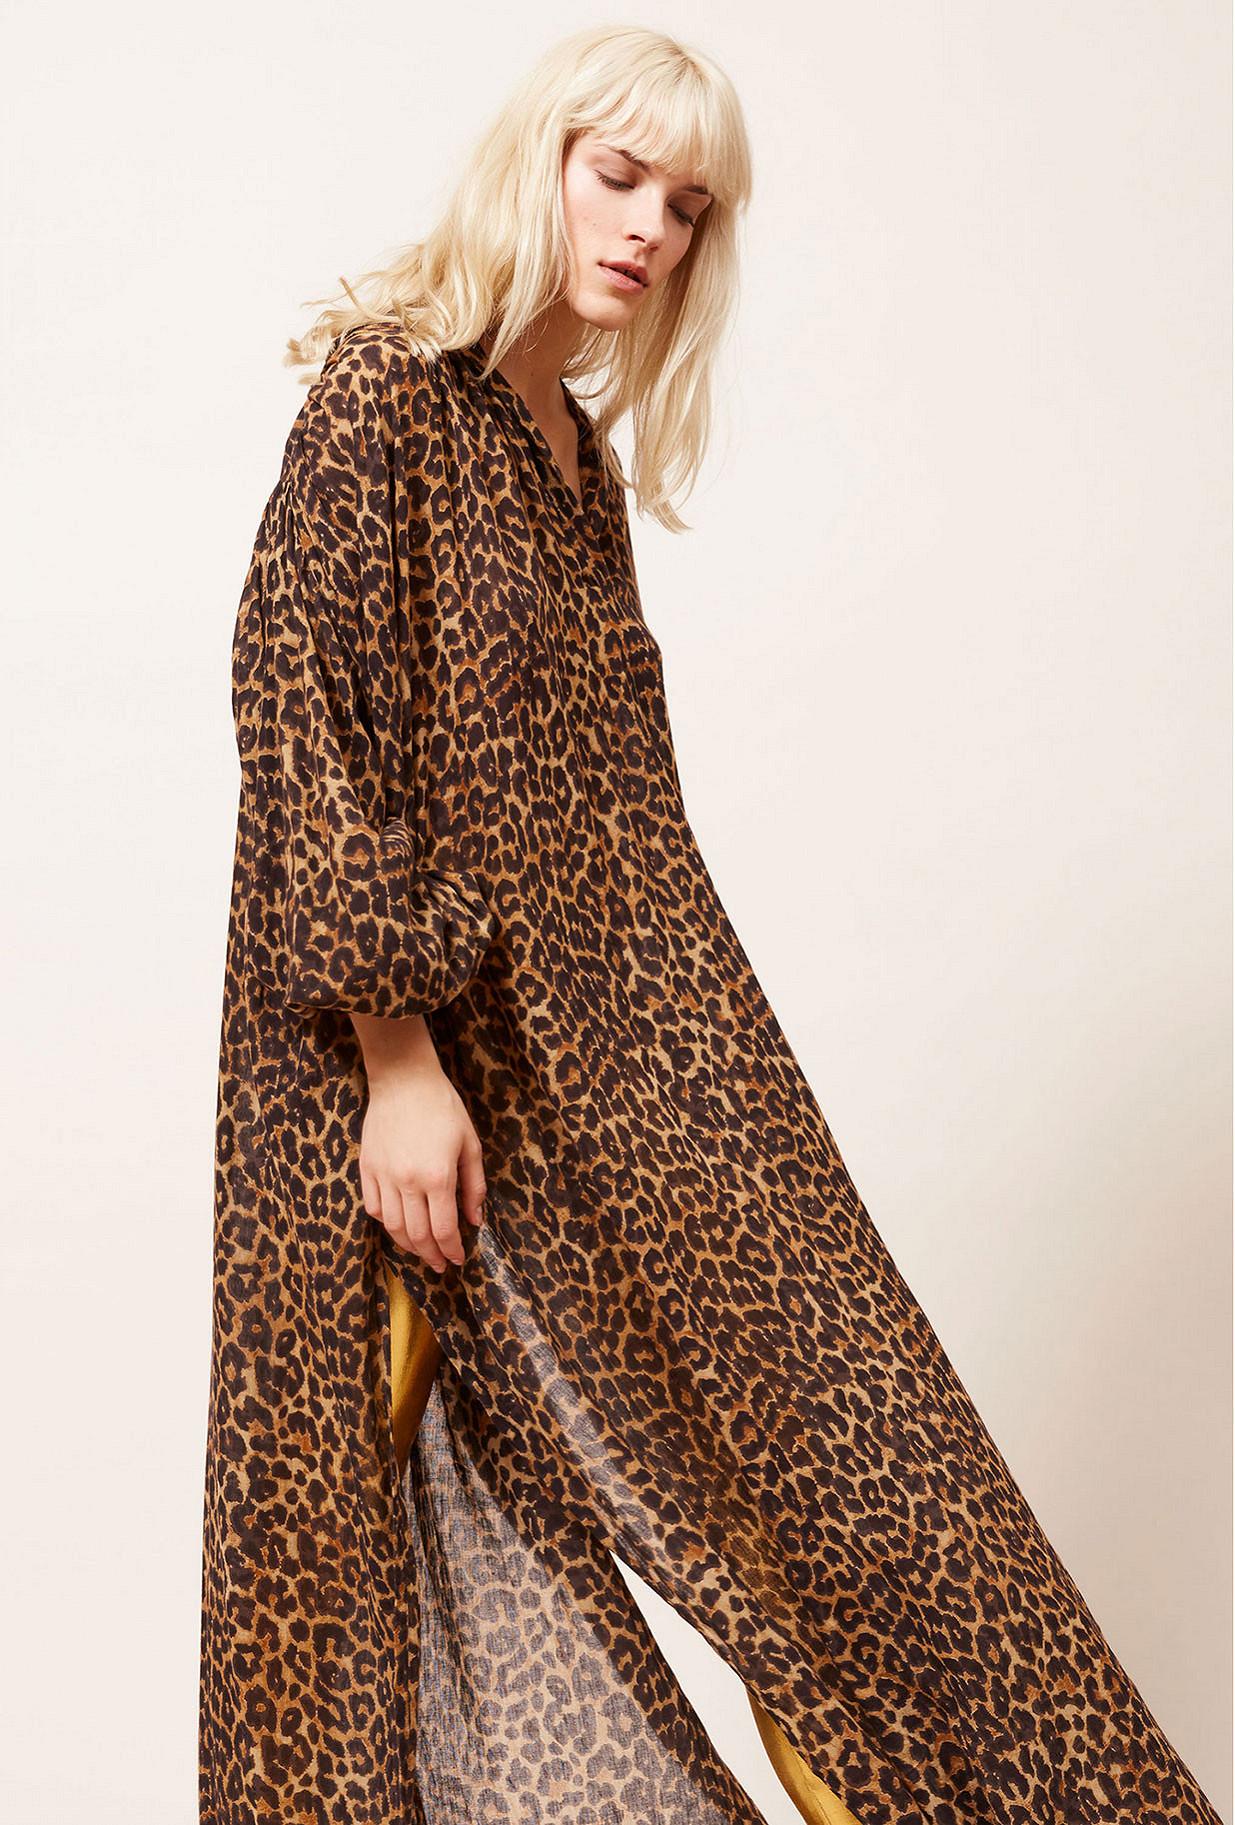 Panther print Dress Farouche Mes Demoiselles Paris